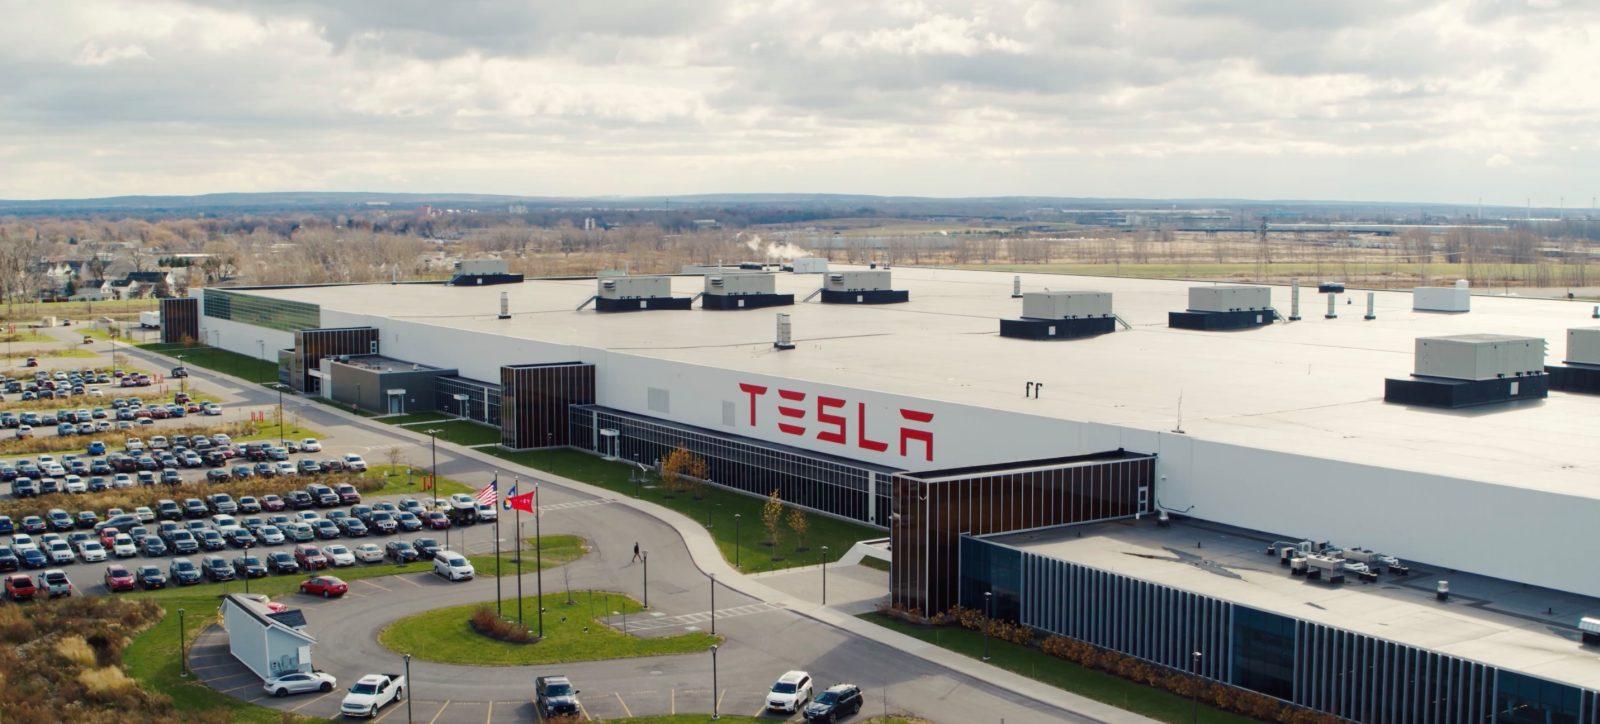 Tesla está trabalhando em ventiladores pulmonares feitos com partes de carros